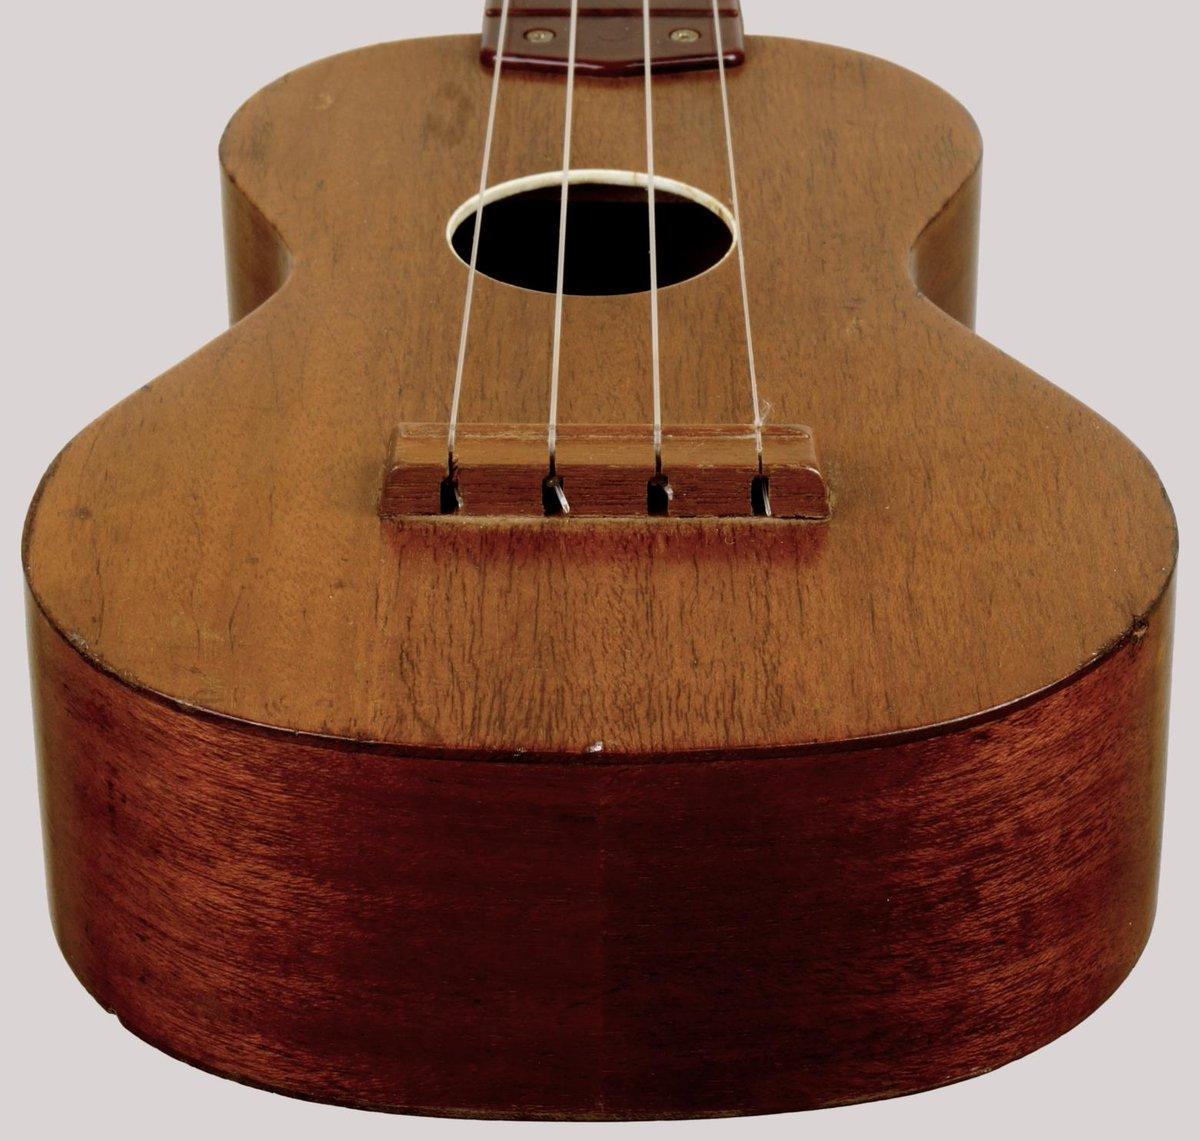 50s harmony roy smeck mahogany standard soprano ukulele